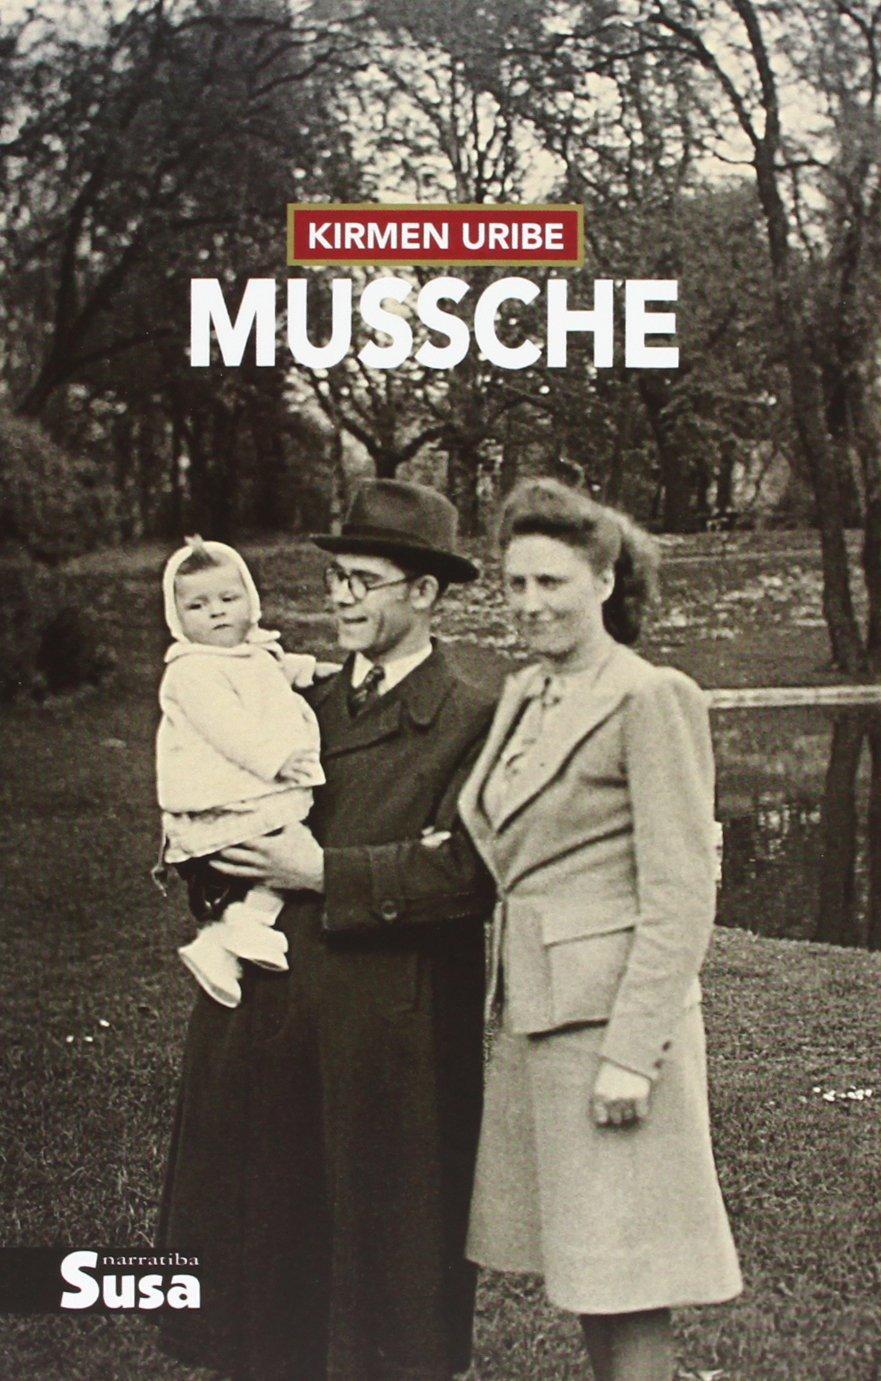 MUSSCHE